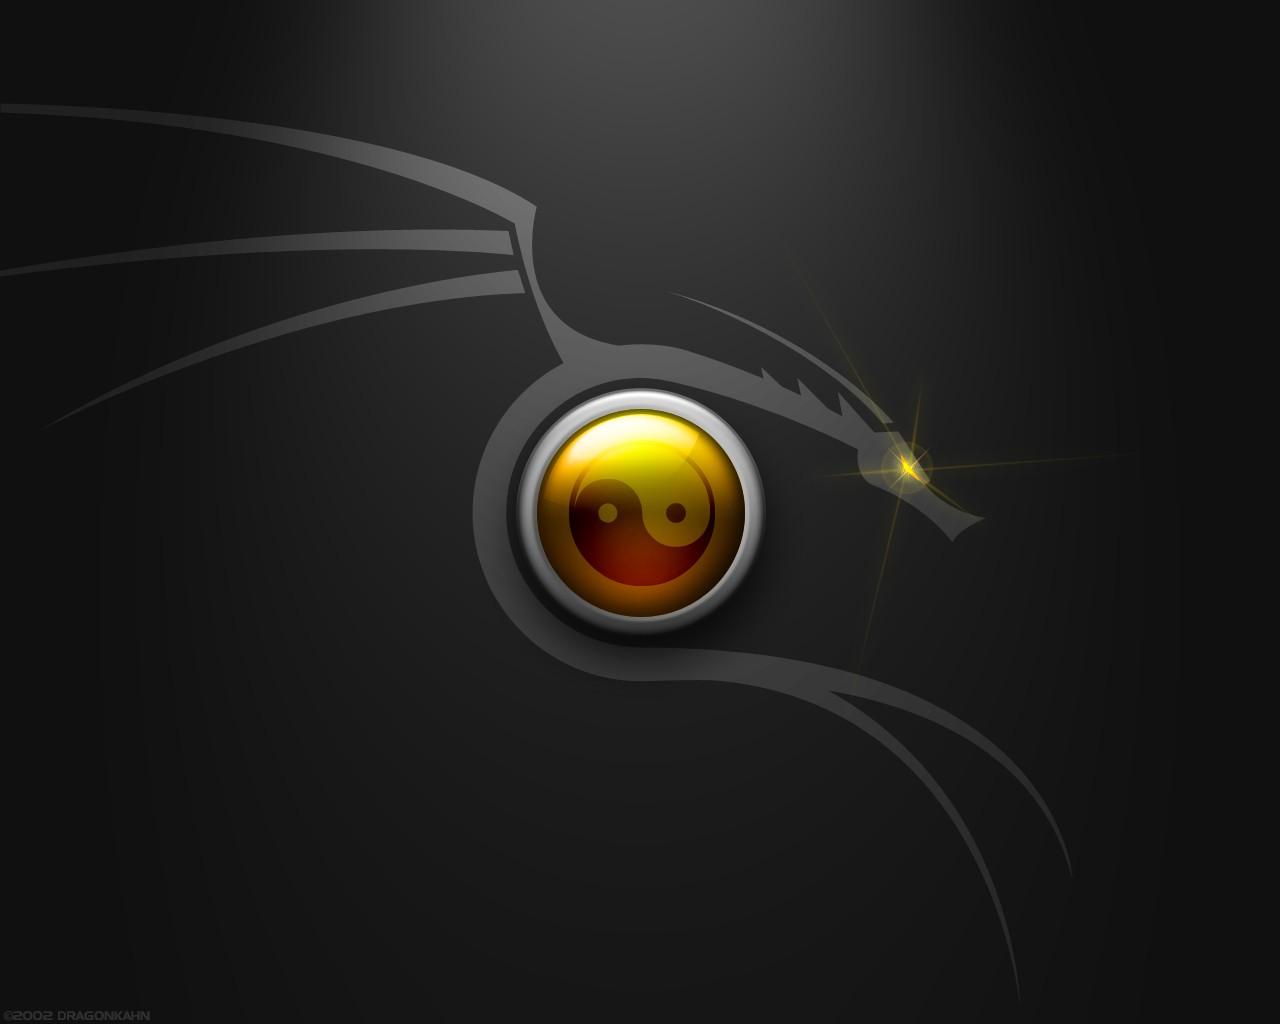 Must see Wallpaper Logo Dragon - illustration-logo-dragon-circle-Yin-and-Yang-darkness-screenshot-1280x1024-px-computer-wallpaper-font-543851  Collection_602014.jpg